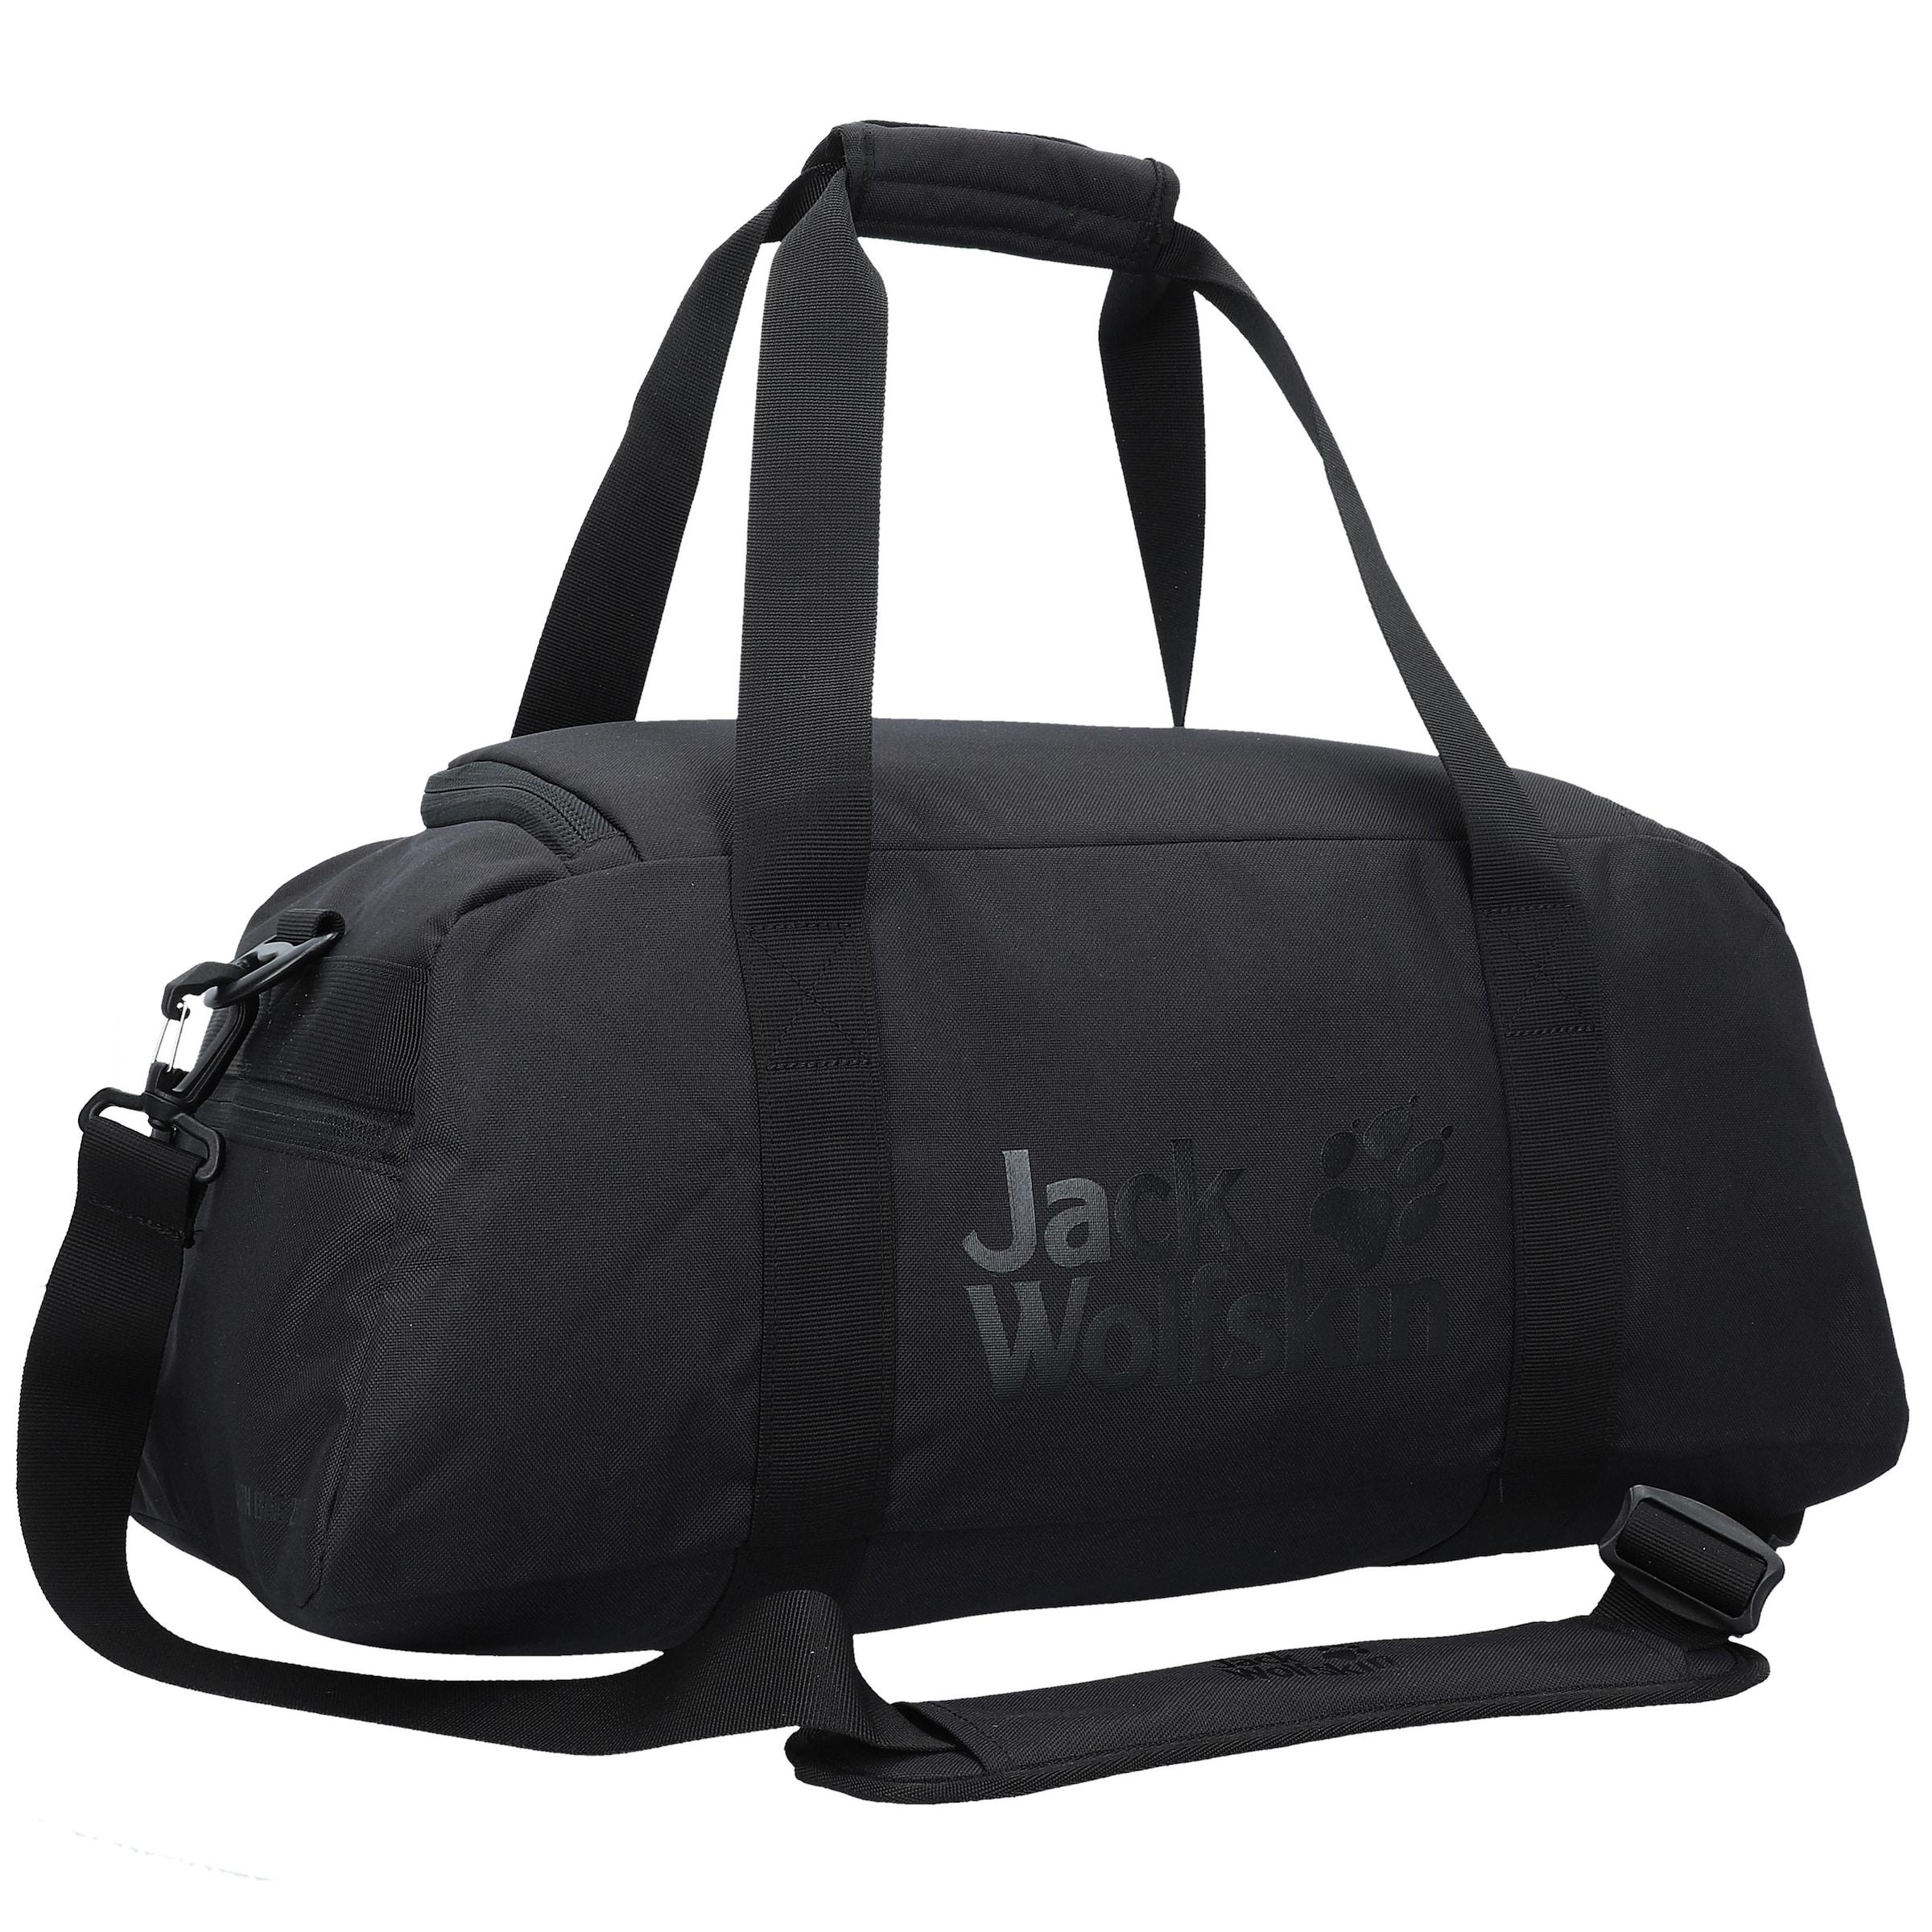 Bag 'action Jack En Sac Noir De Wolfskin 25' Sport sQdrxthC